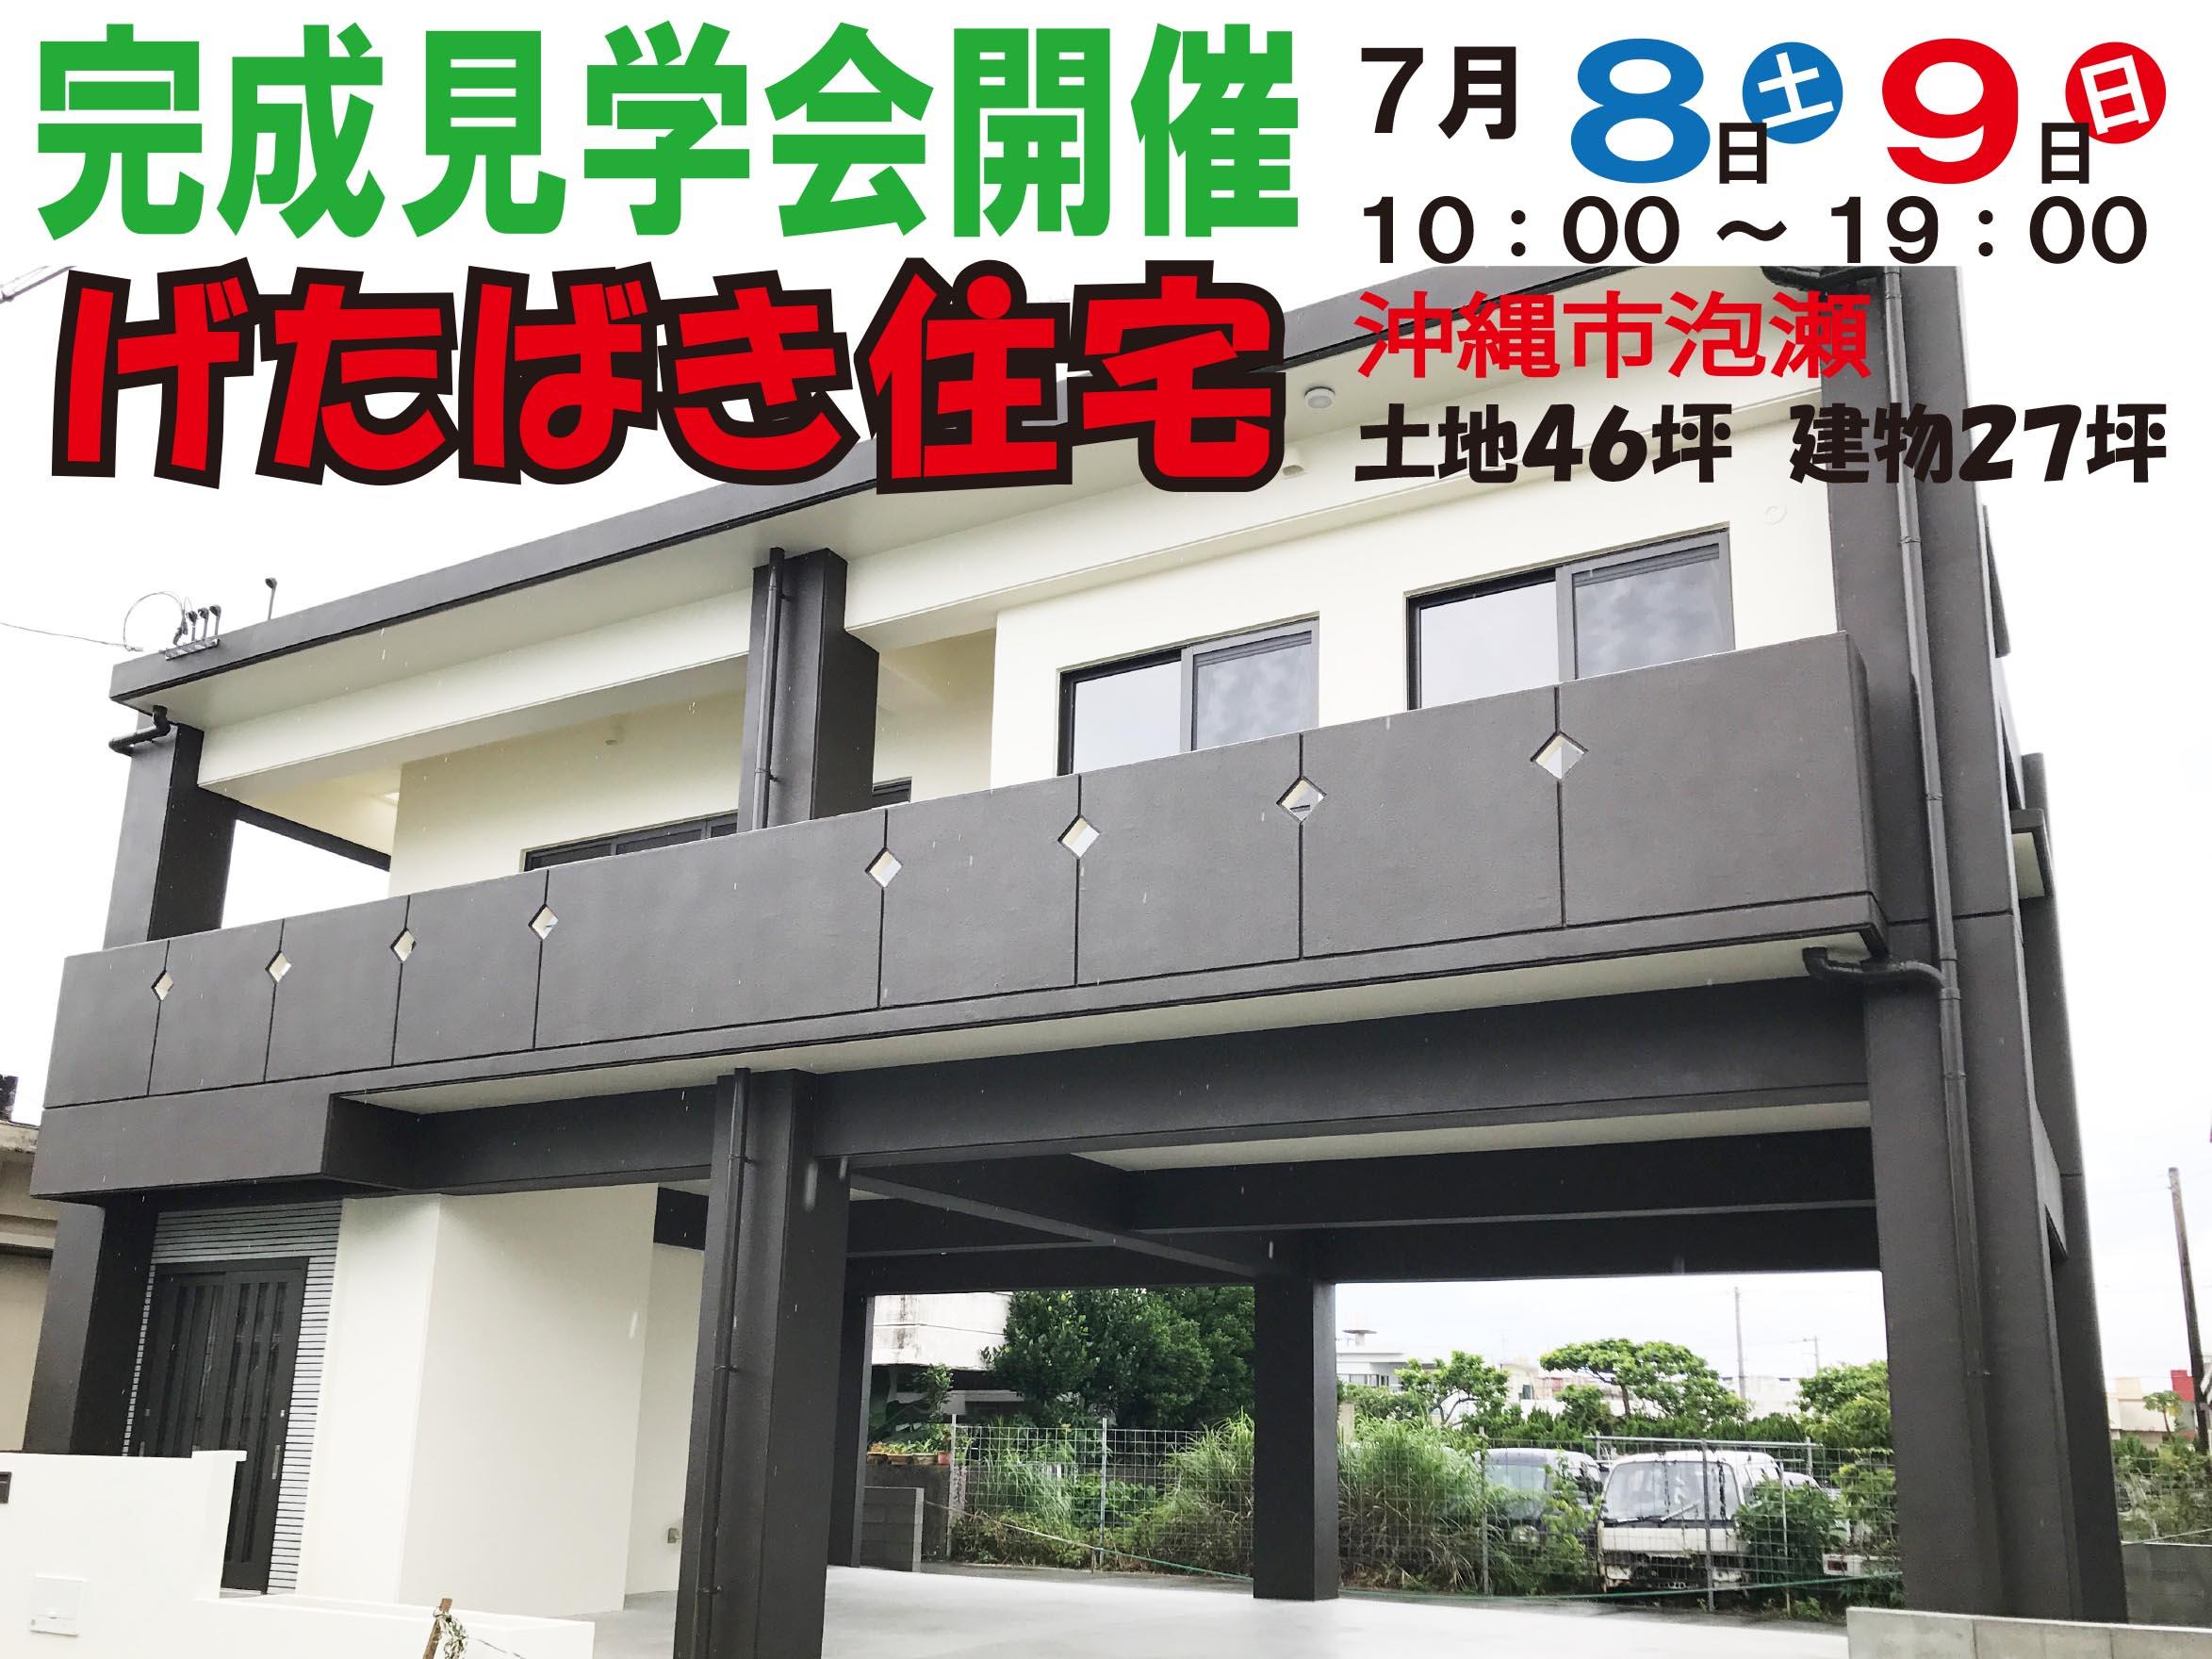 沖縄市泡瀬にてオープンハウス&無料住宅相談会を開催!